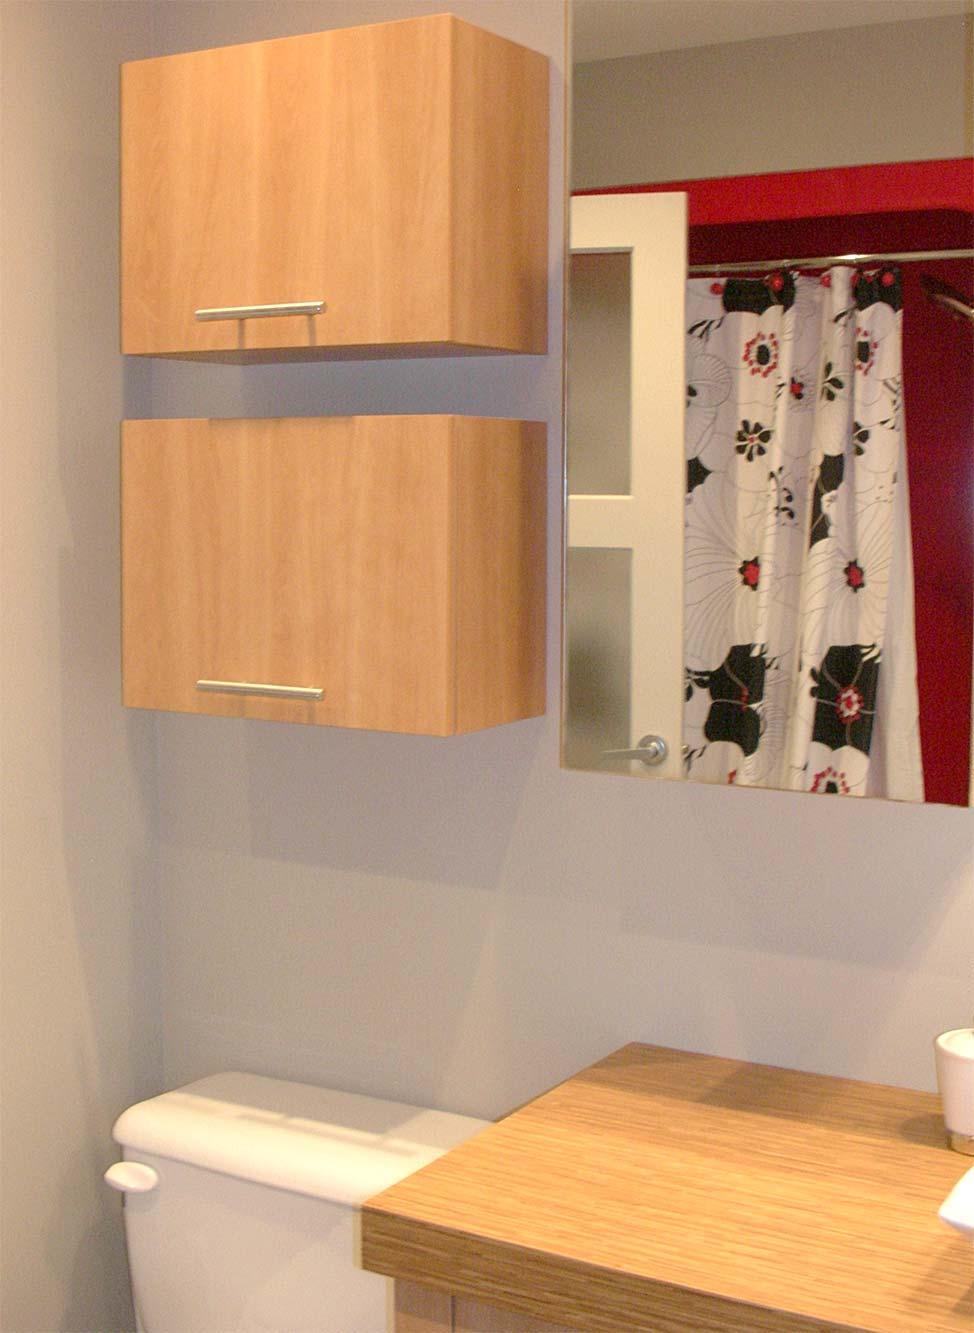 Le bicarbonate de soude un produit miracle - Bicarbonate de soude nettoyage salle de bain ...